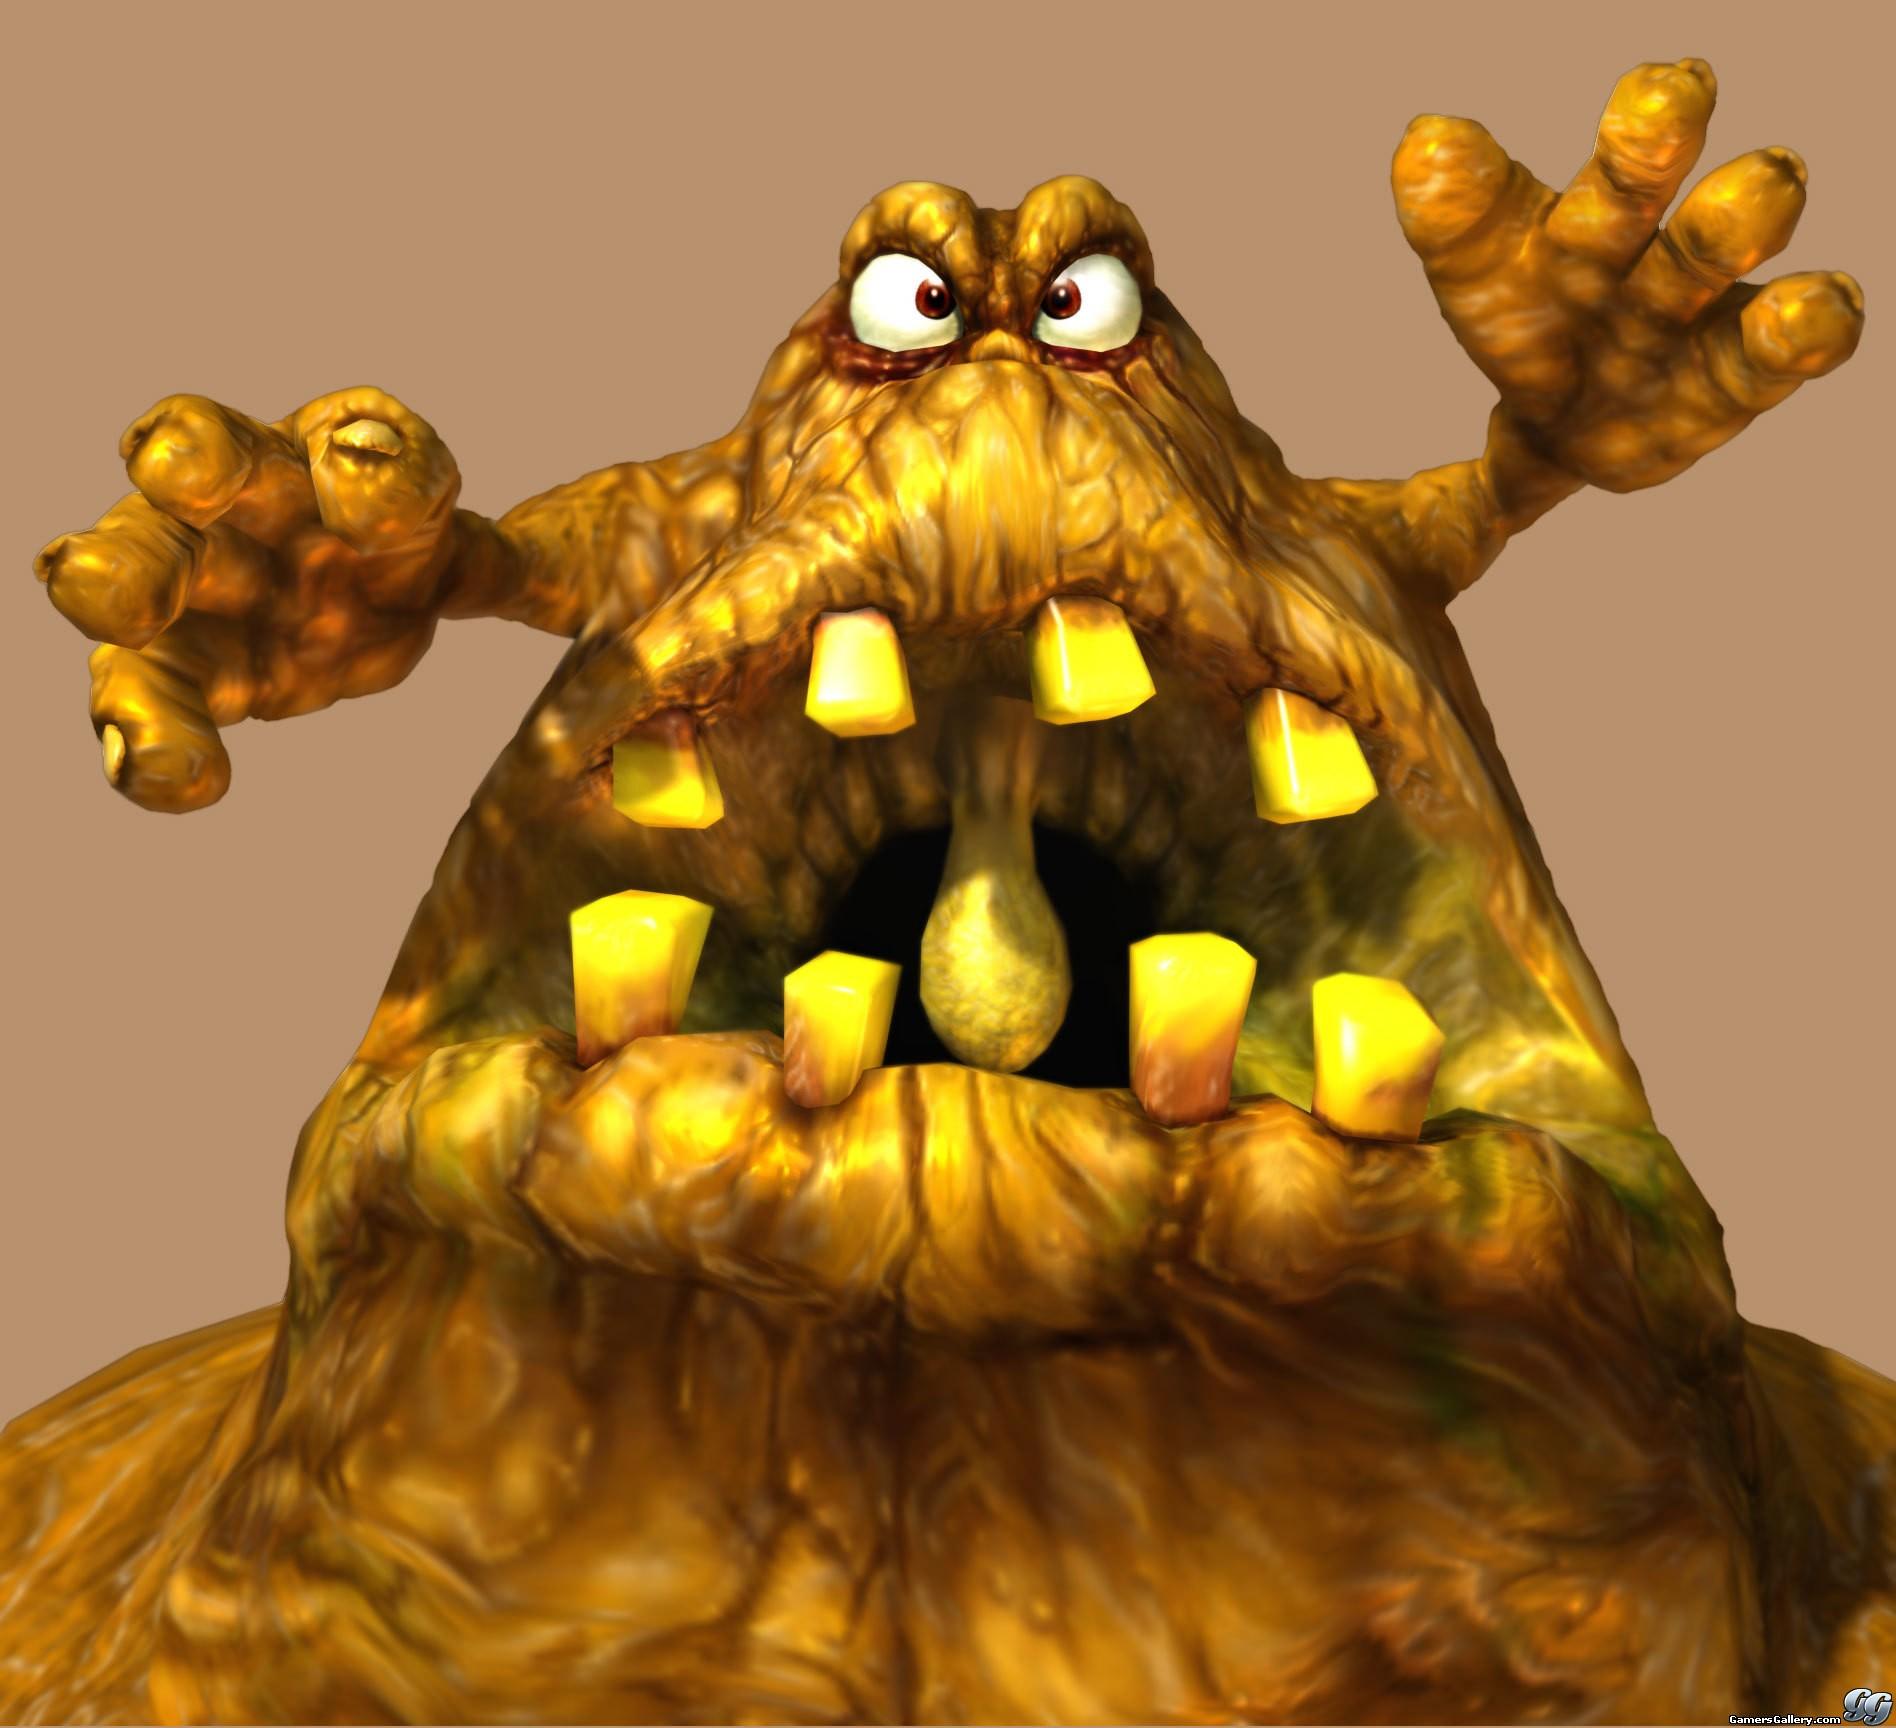 The Great Mighty Poo Conker Wiki Fandom